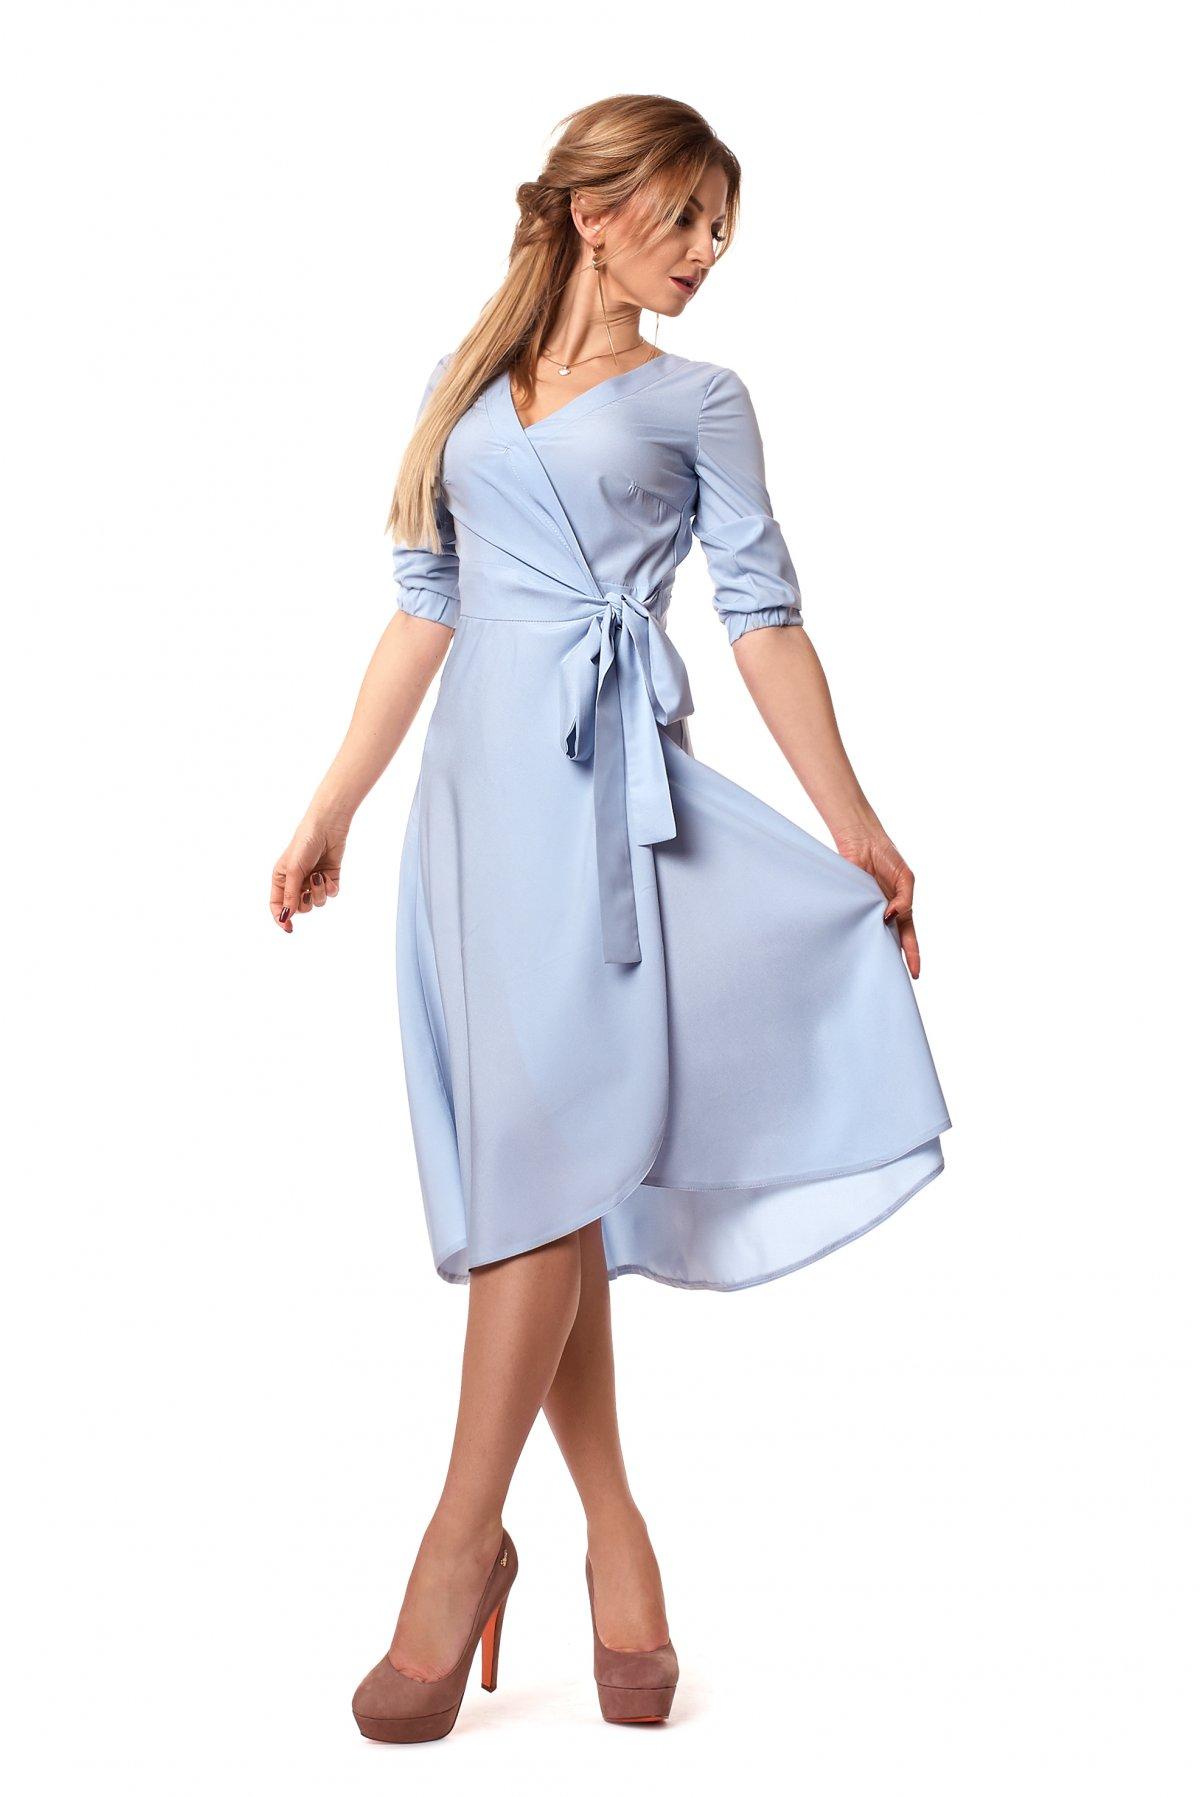 c84813423b55 Женское красивое платье на запах (фото) - Фотогалерея стильного ...